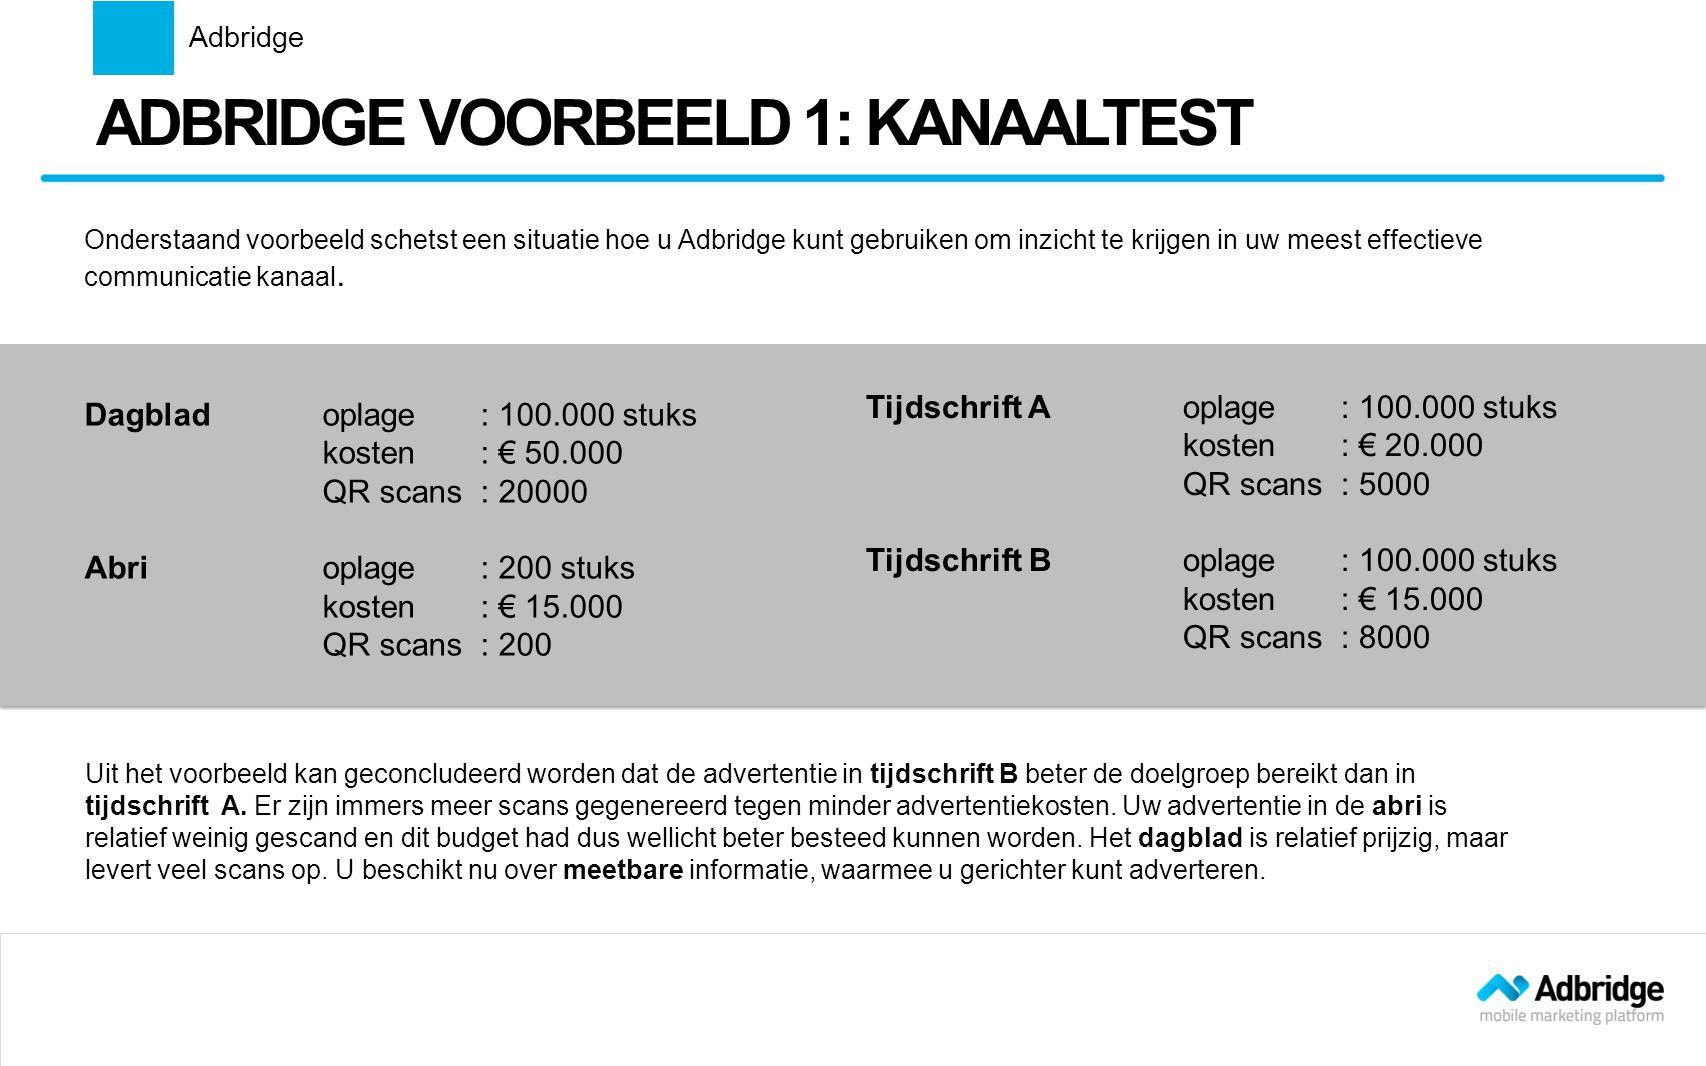 ADBRIDGE VOORBEELD 1: KANAALTEST Dagbladoplage: 100.000 stuks kosten : € 50.000 QR scans: 20000 Abrioplage: 200 stuks kosten: € 15.000 QR scans: 200 T